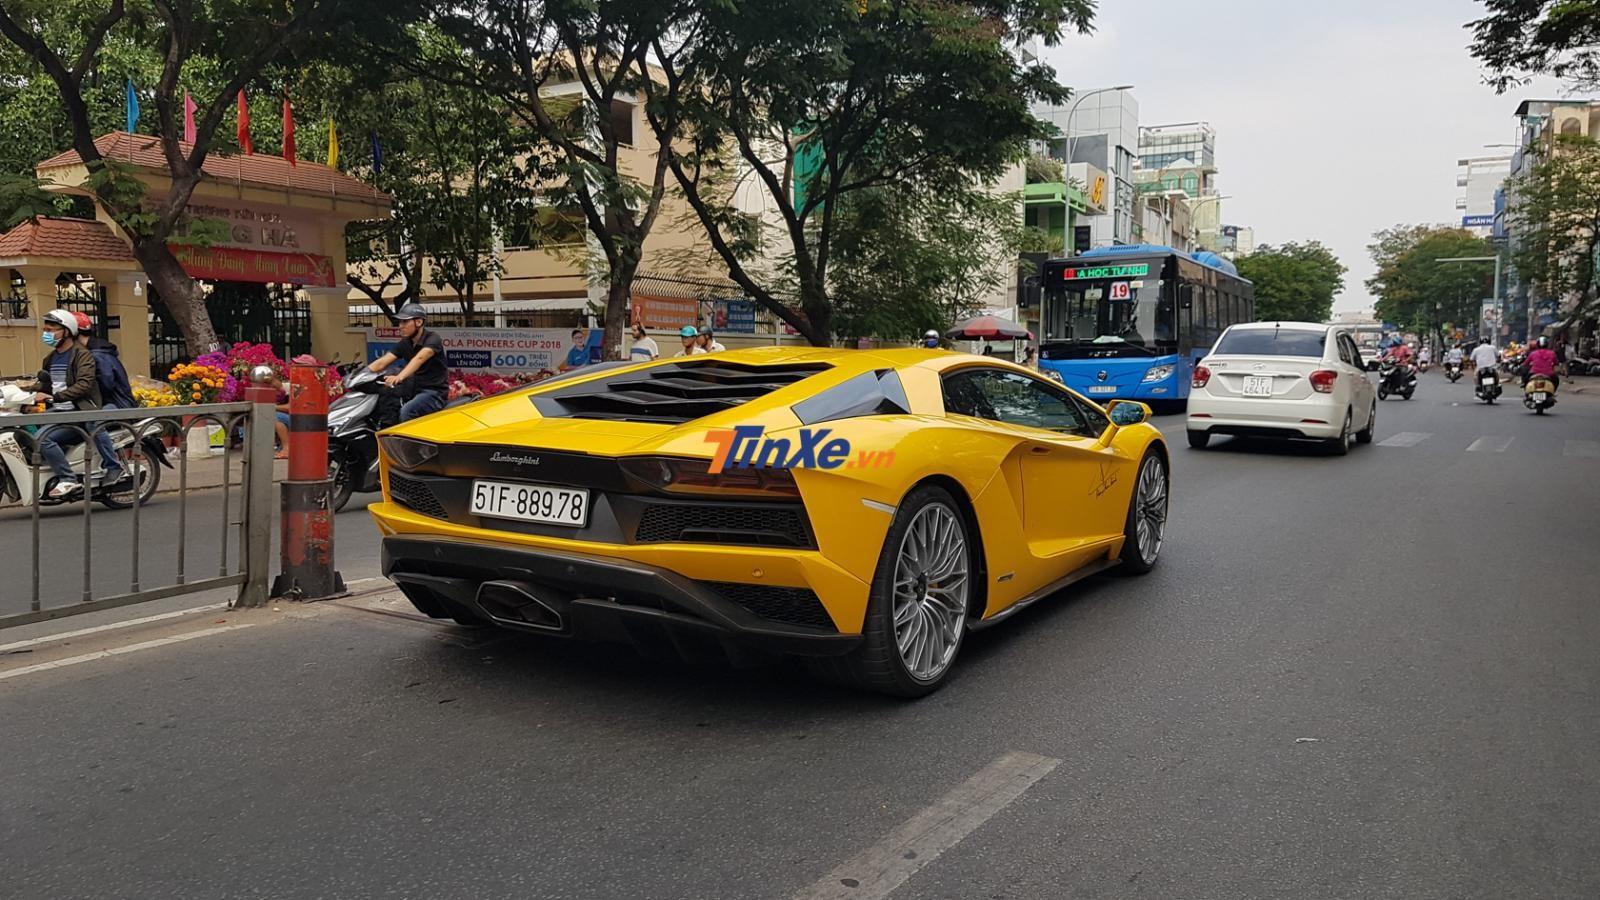 siêu xe như Lamborghini Aventador S LP740-4 không phù hợp lưu thông tại đường phố Việt Nam